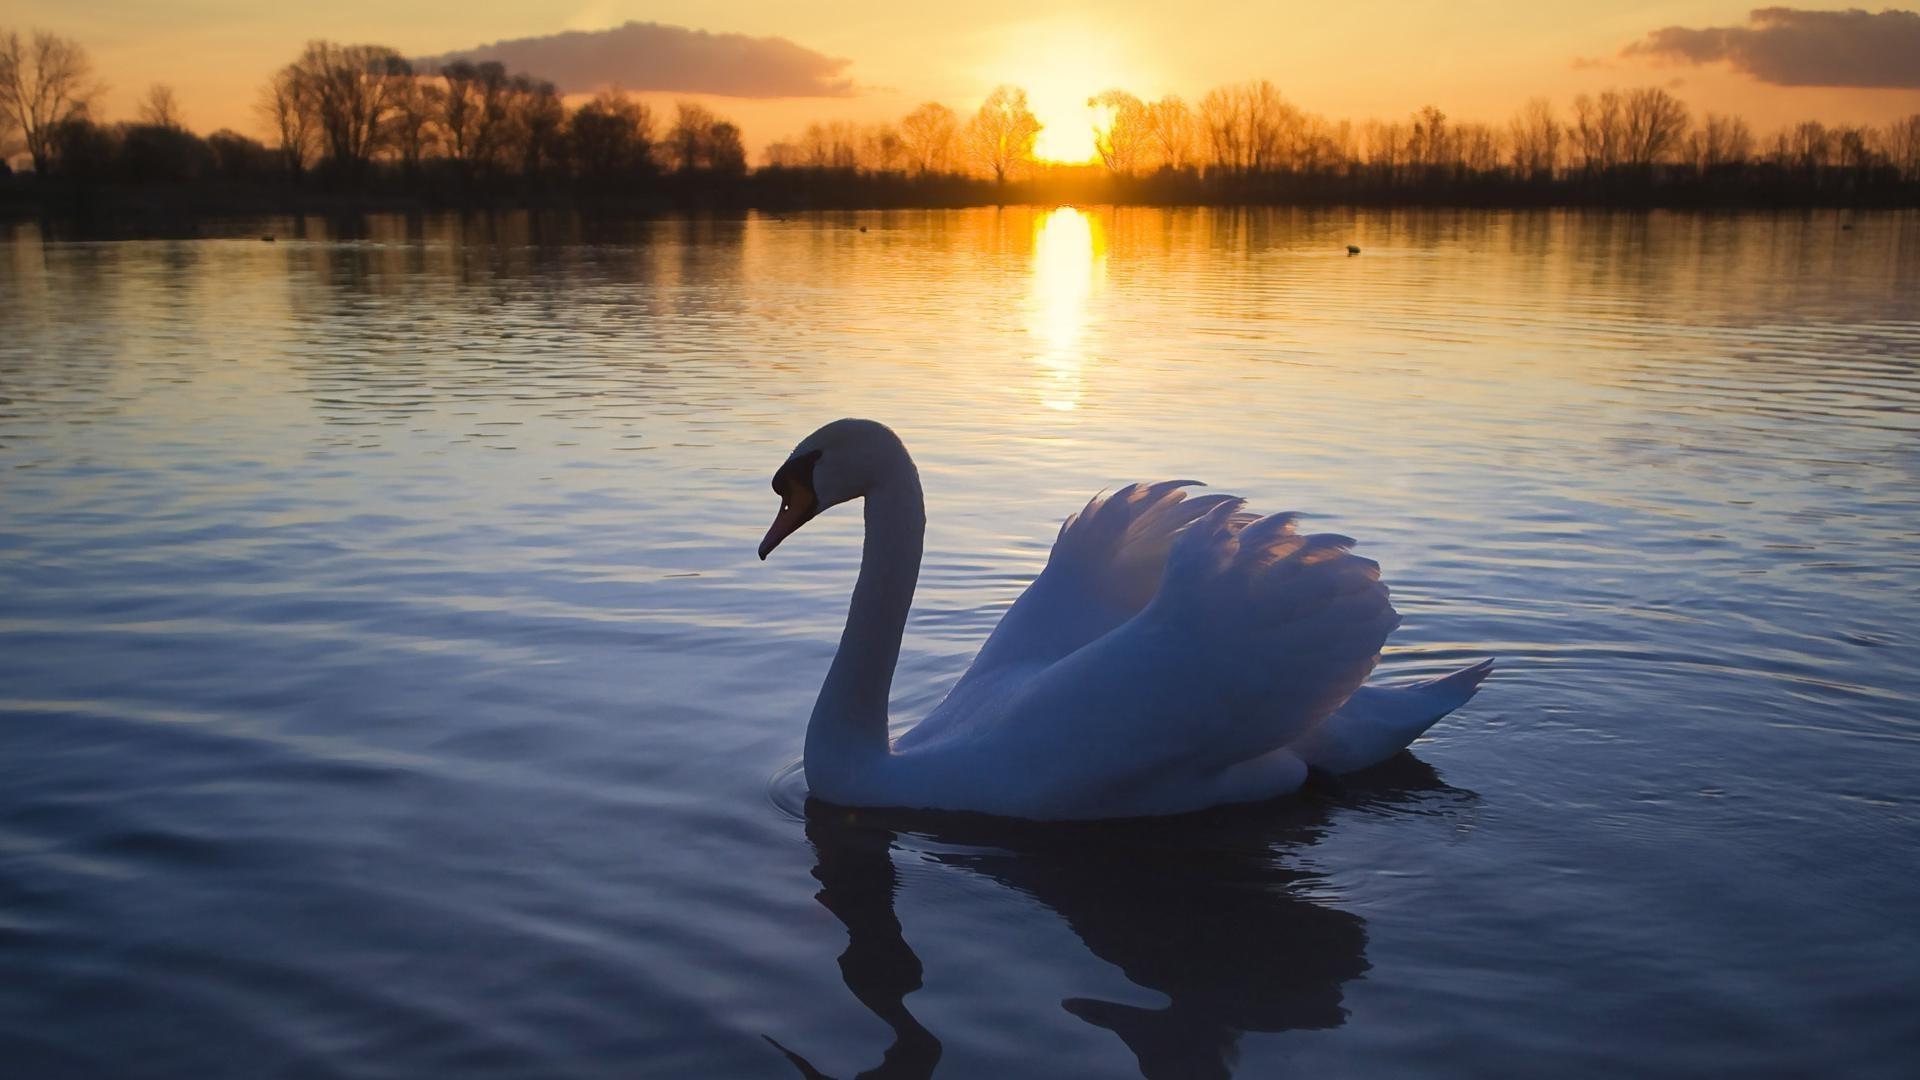 Лебедь на озере в лучах заката - обои на телефон бесплатно.